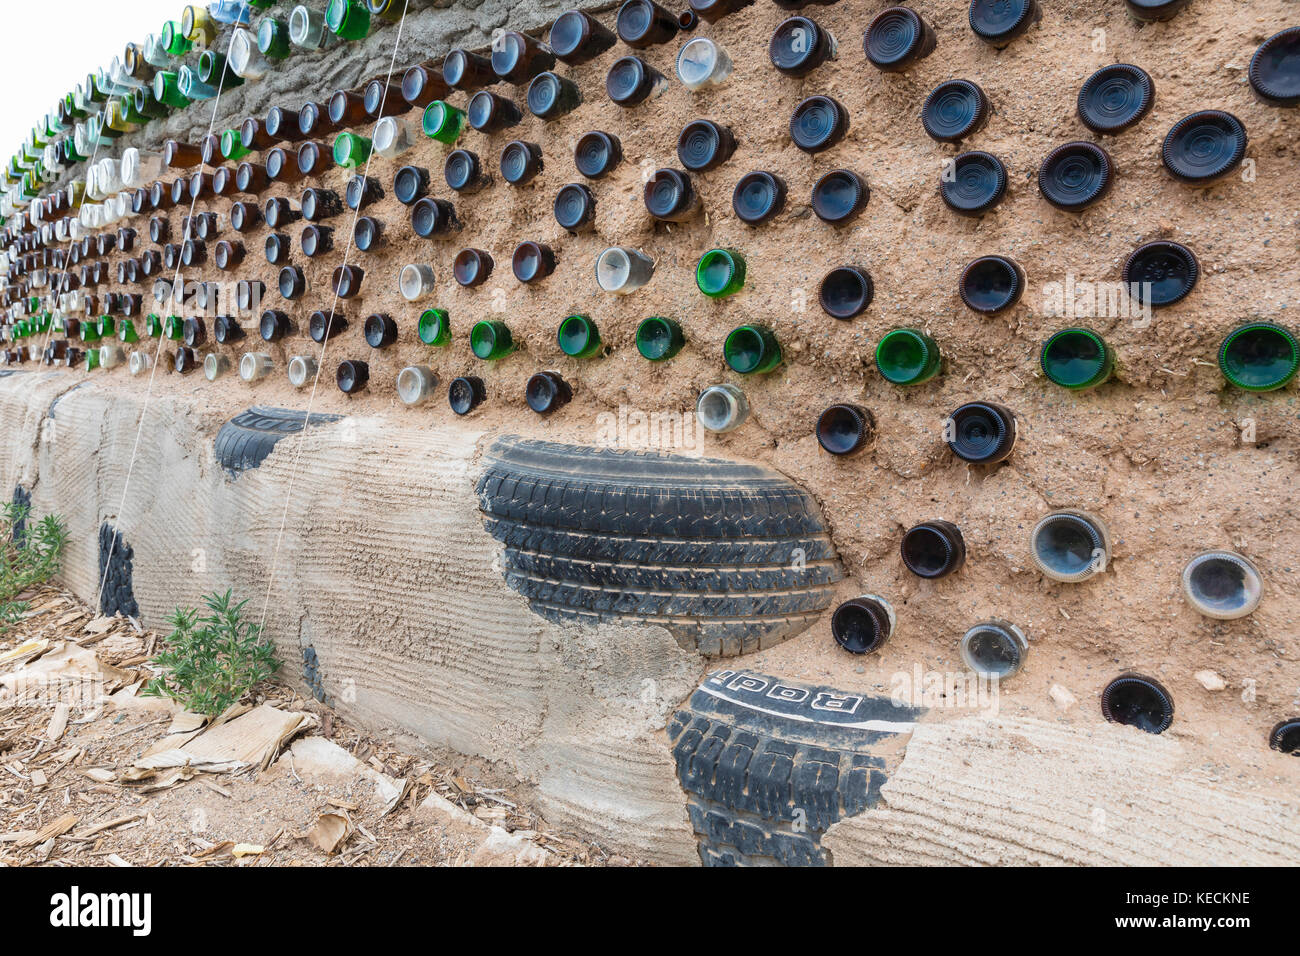 Le bottiglie di vetro e utilizzati pneumatici utilizzati nella costruzione di parete earthship, mondo superiore Immagini Stock